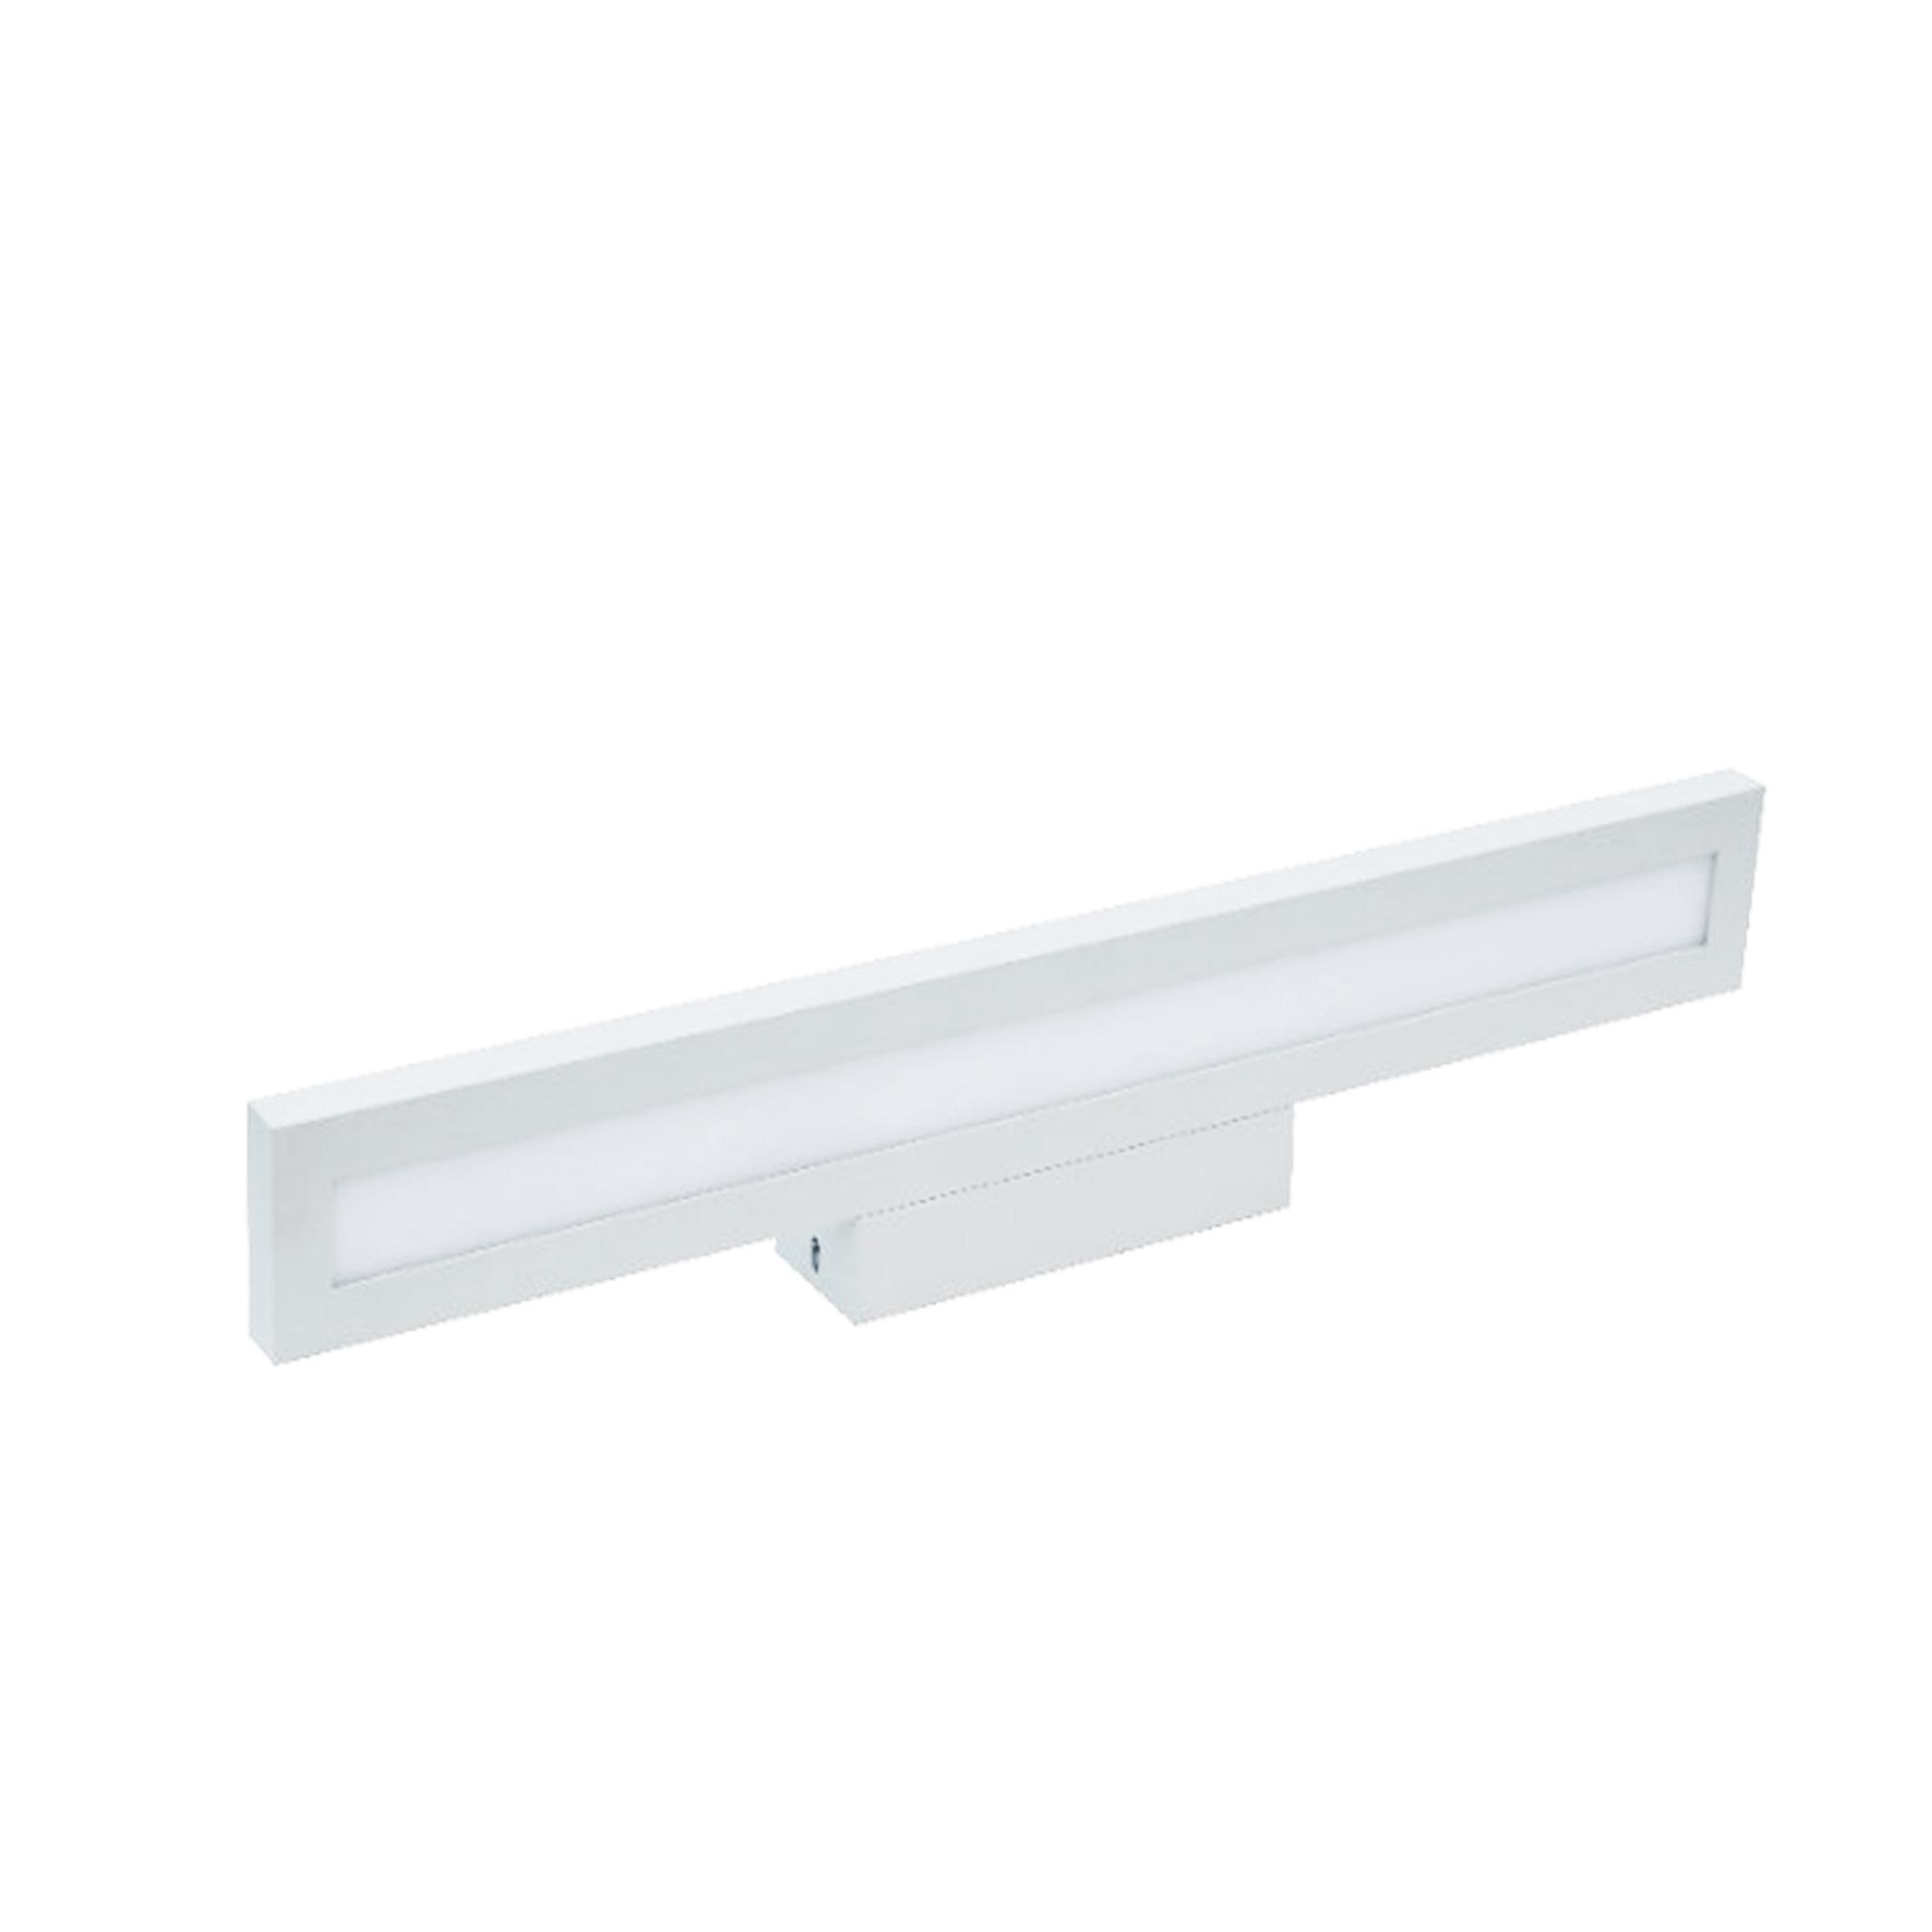 Lampada Led Bagno.Dettagli Su Applique Led Per Specchi 9w 220v Camerino Bagno Lampada Illuminazione Da Parete